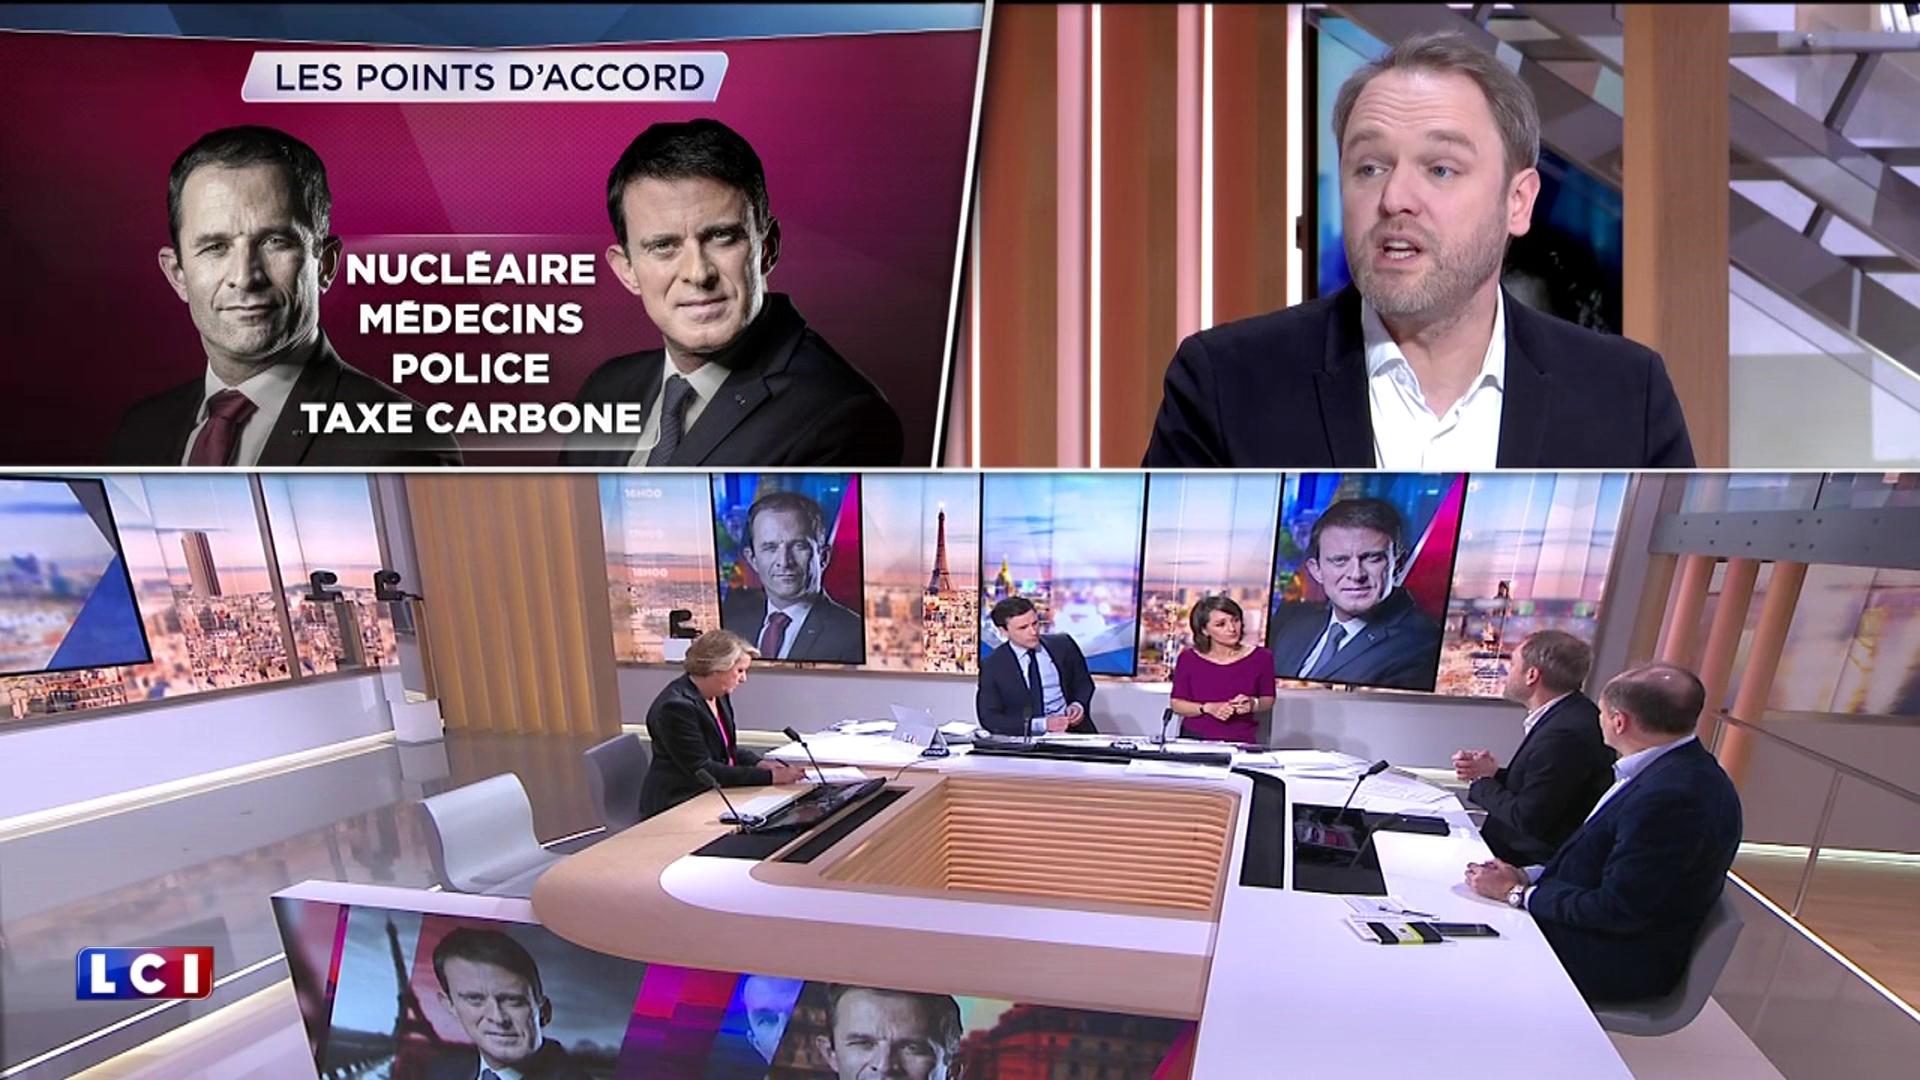 Quelles sont les différences entre les programmes économiques de Manuel Valls et Benoît Hamon ?